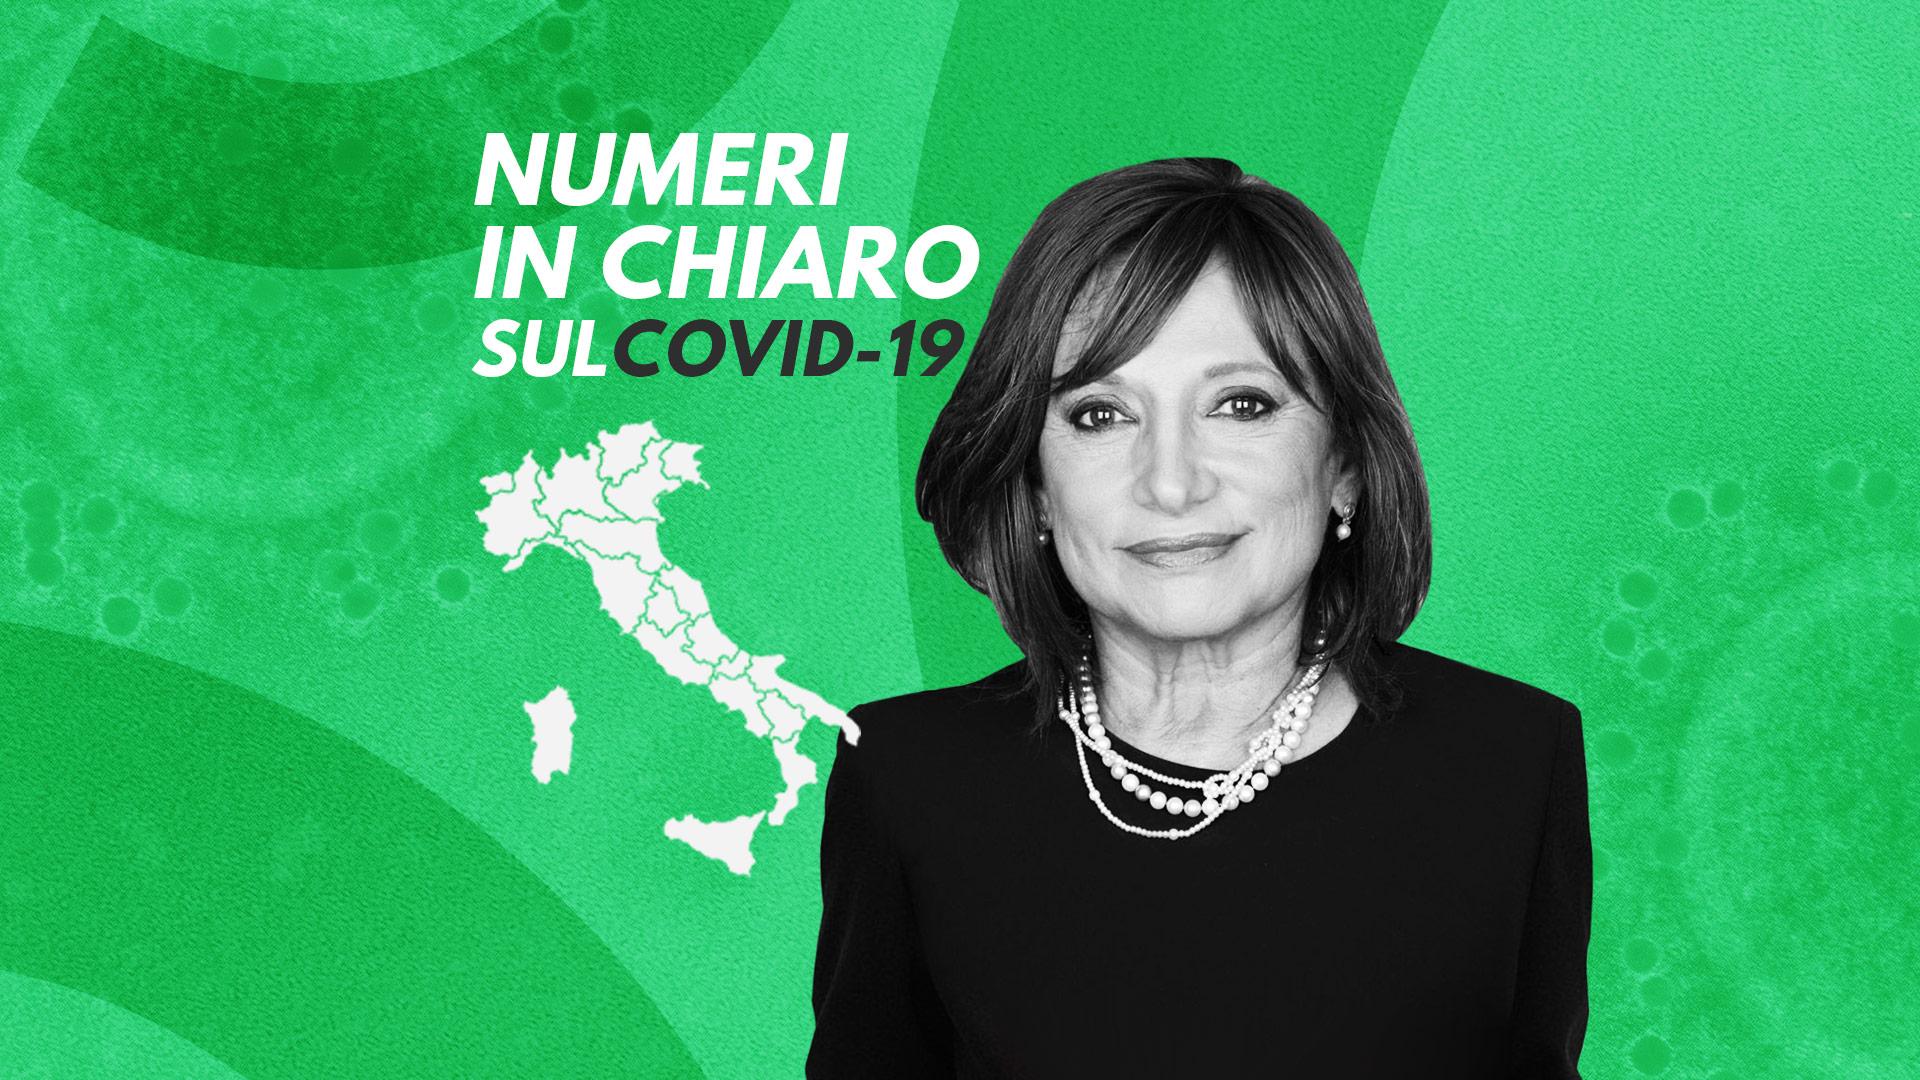 I numeri in chiaro, Taliani: «Il dibattito in corso su scuola e coprifuoco non c'entra con il controllo dell'epidemia»